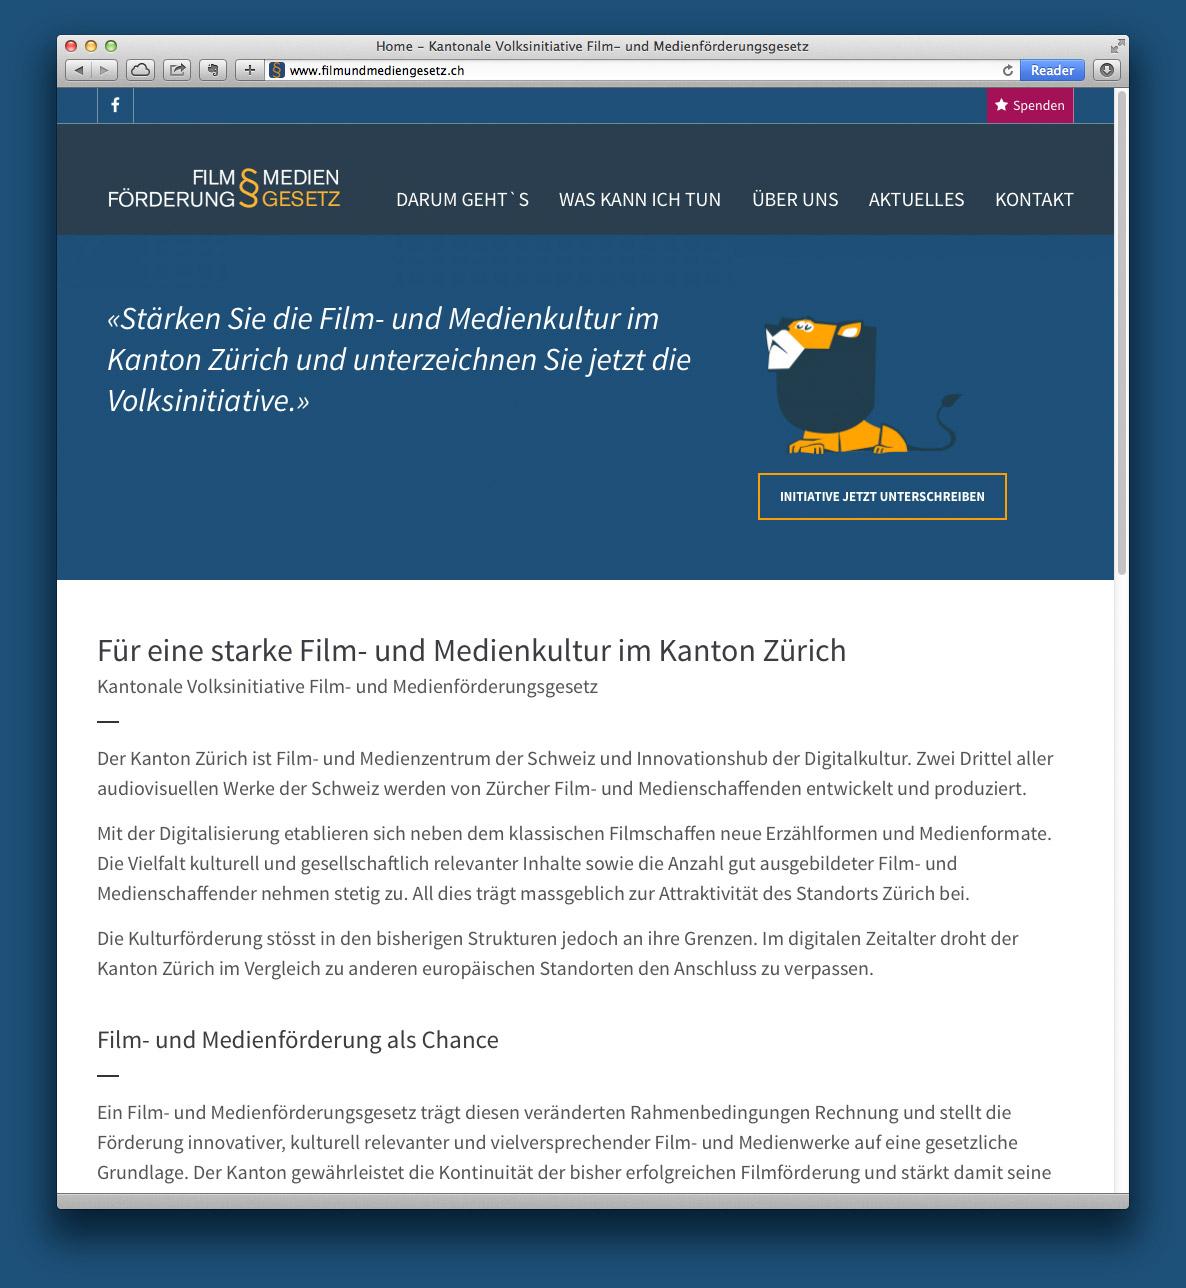 Film- und Medienförderungsgesetz, Webdesign